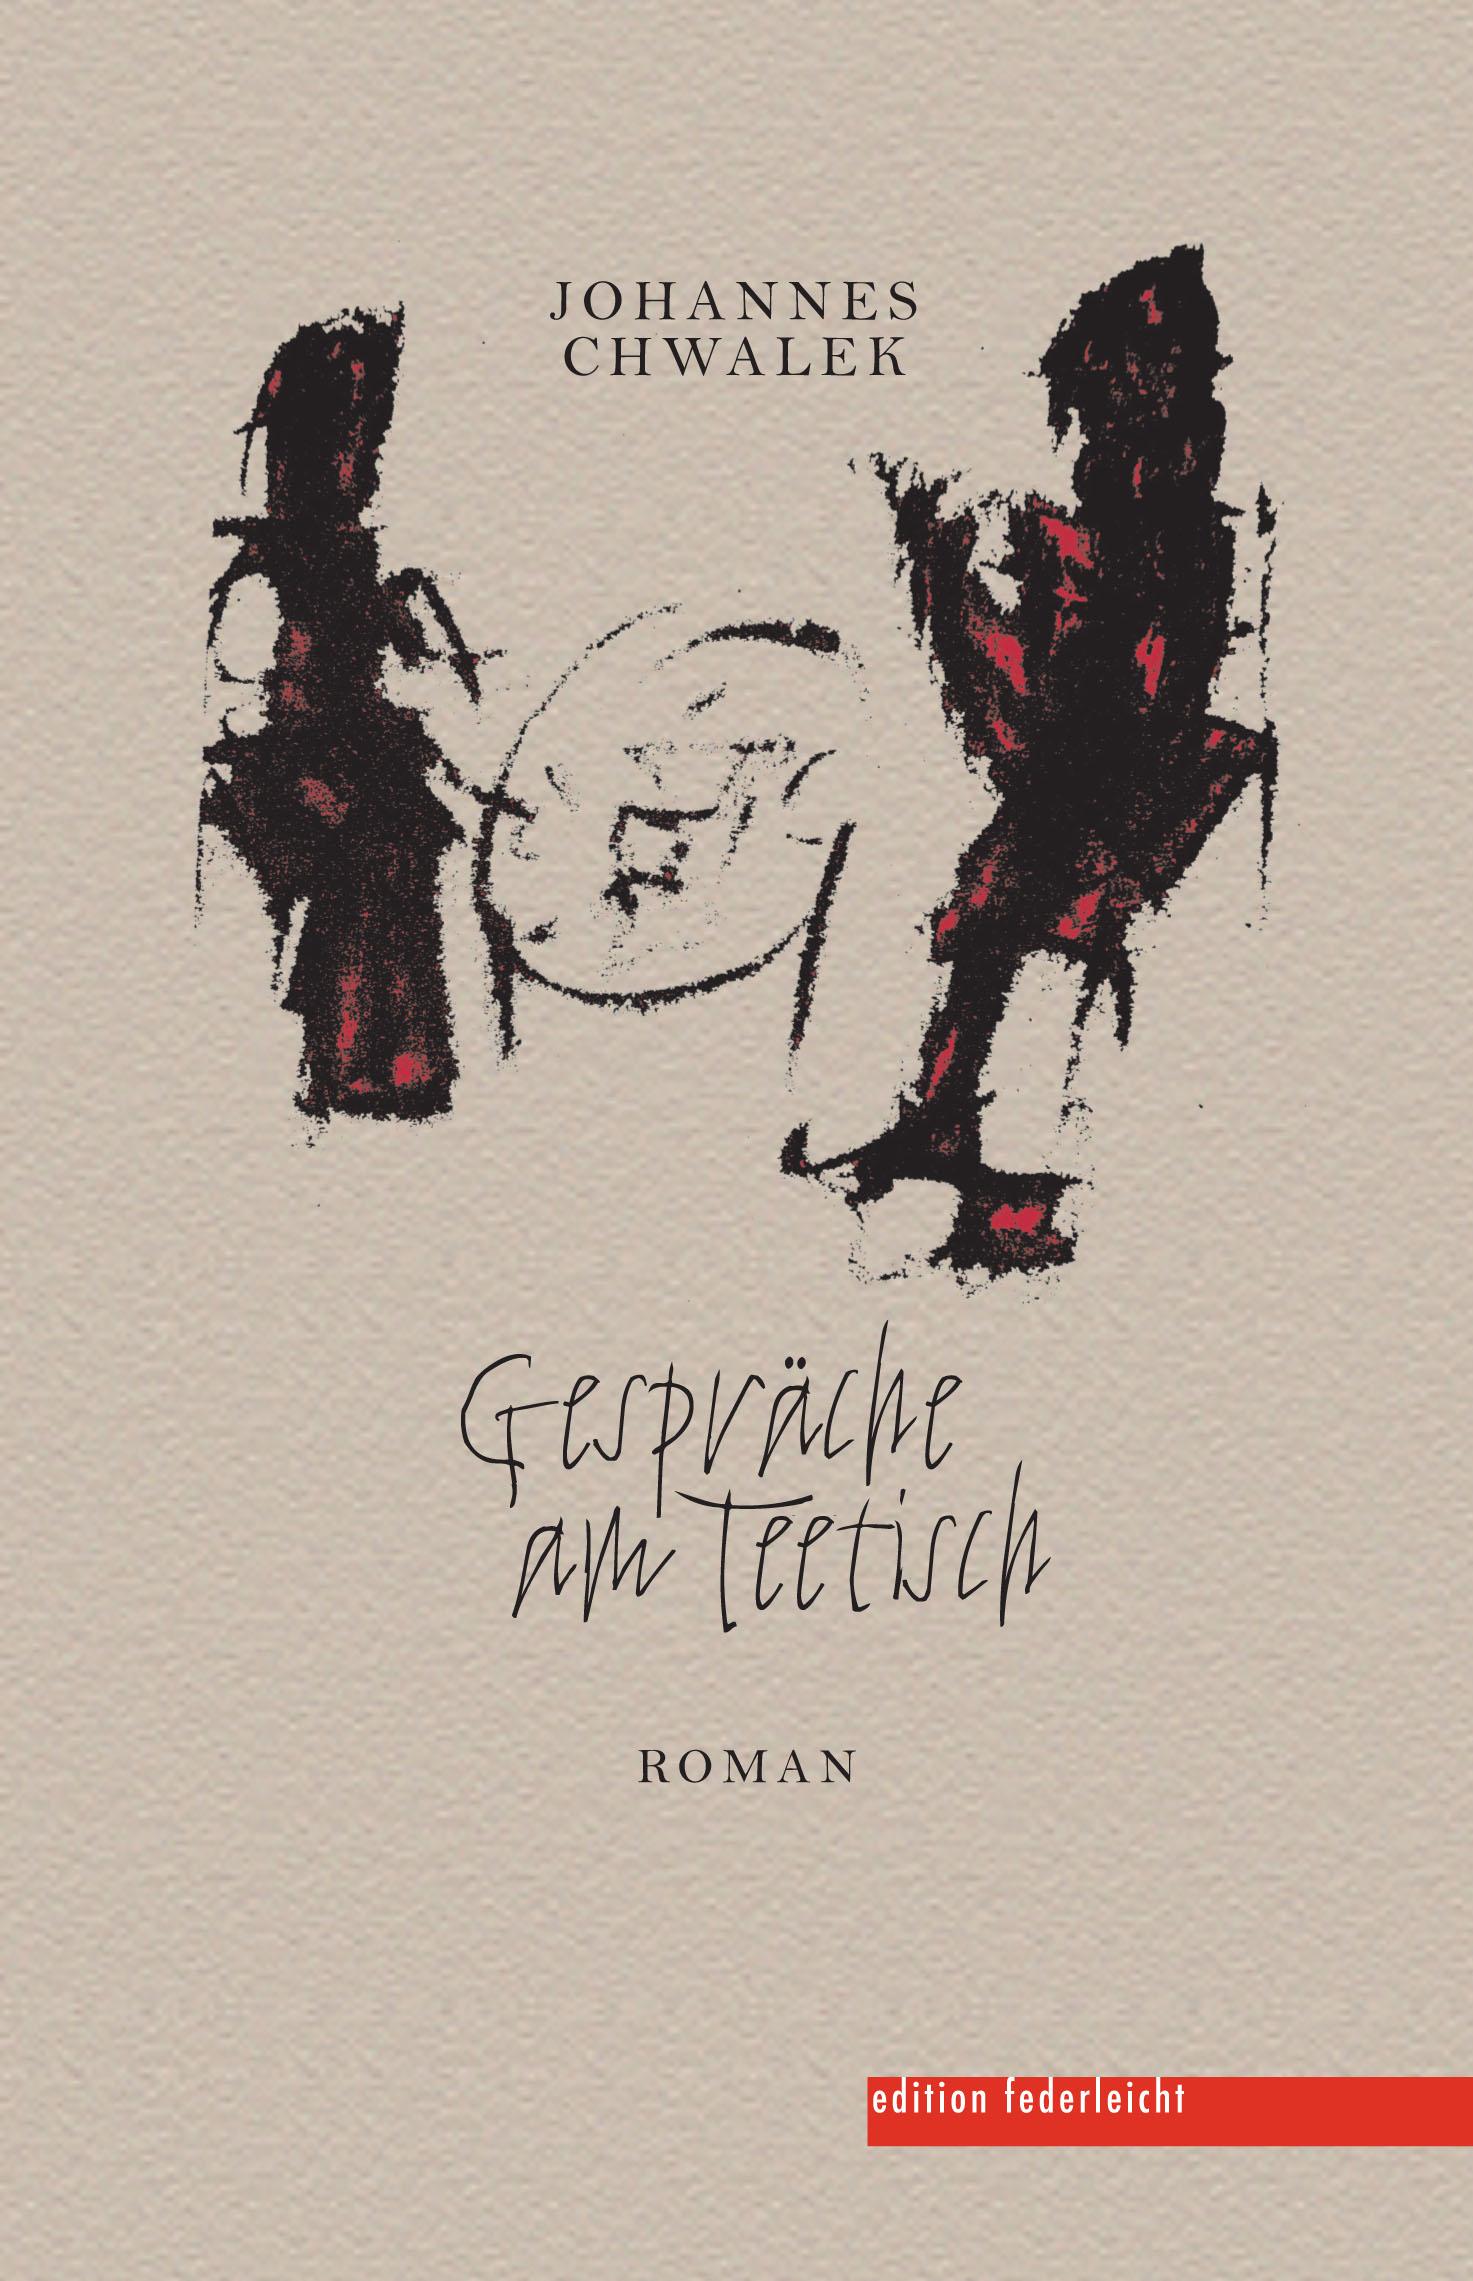 Frankfurter Buchmesse #fbm digital – Johannes Chwalek liest aus seinem Roman GESPRÄCHE AM TEETISCH